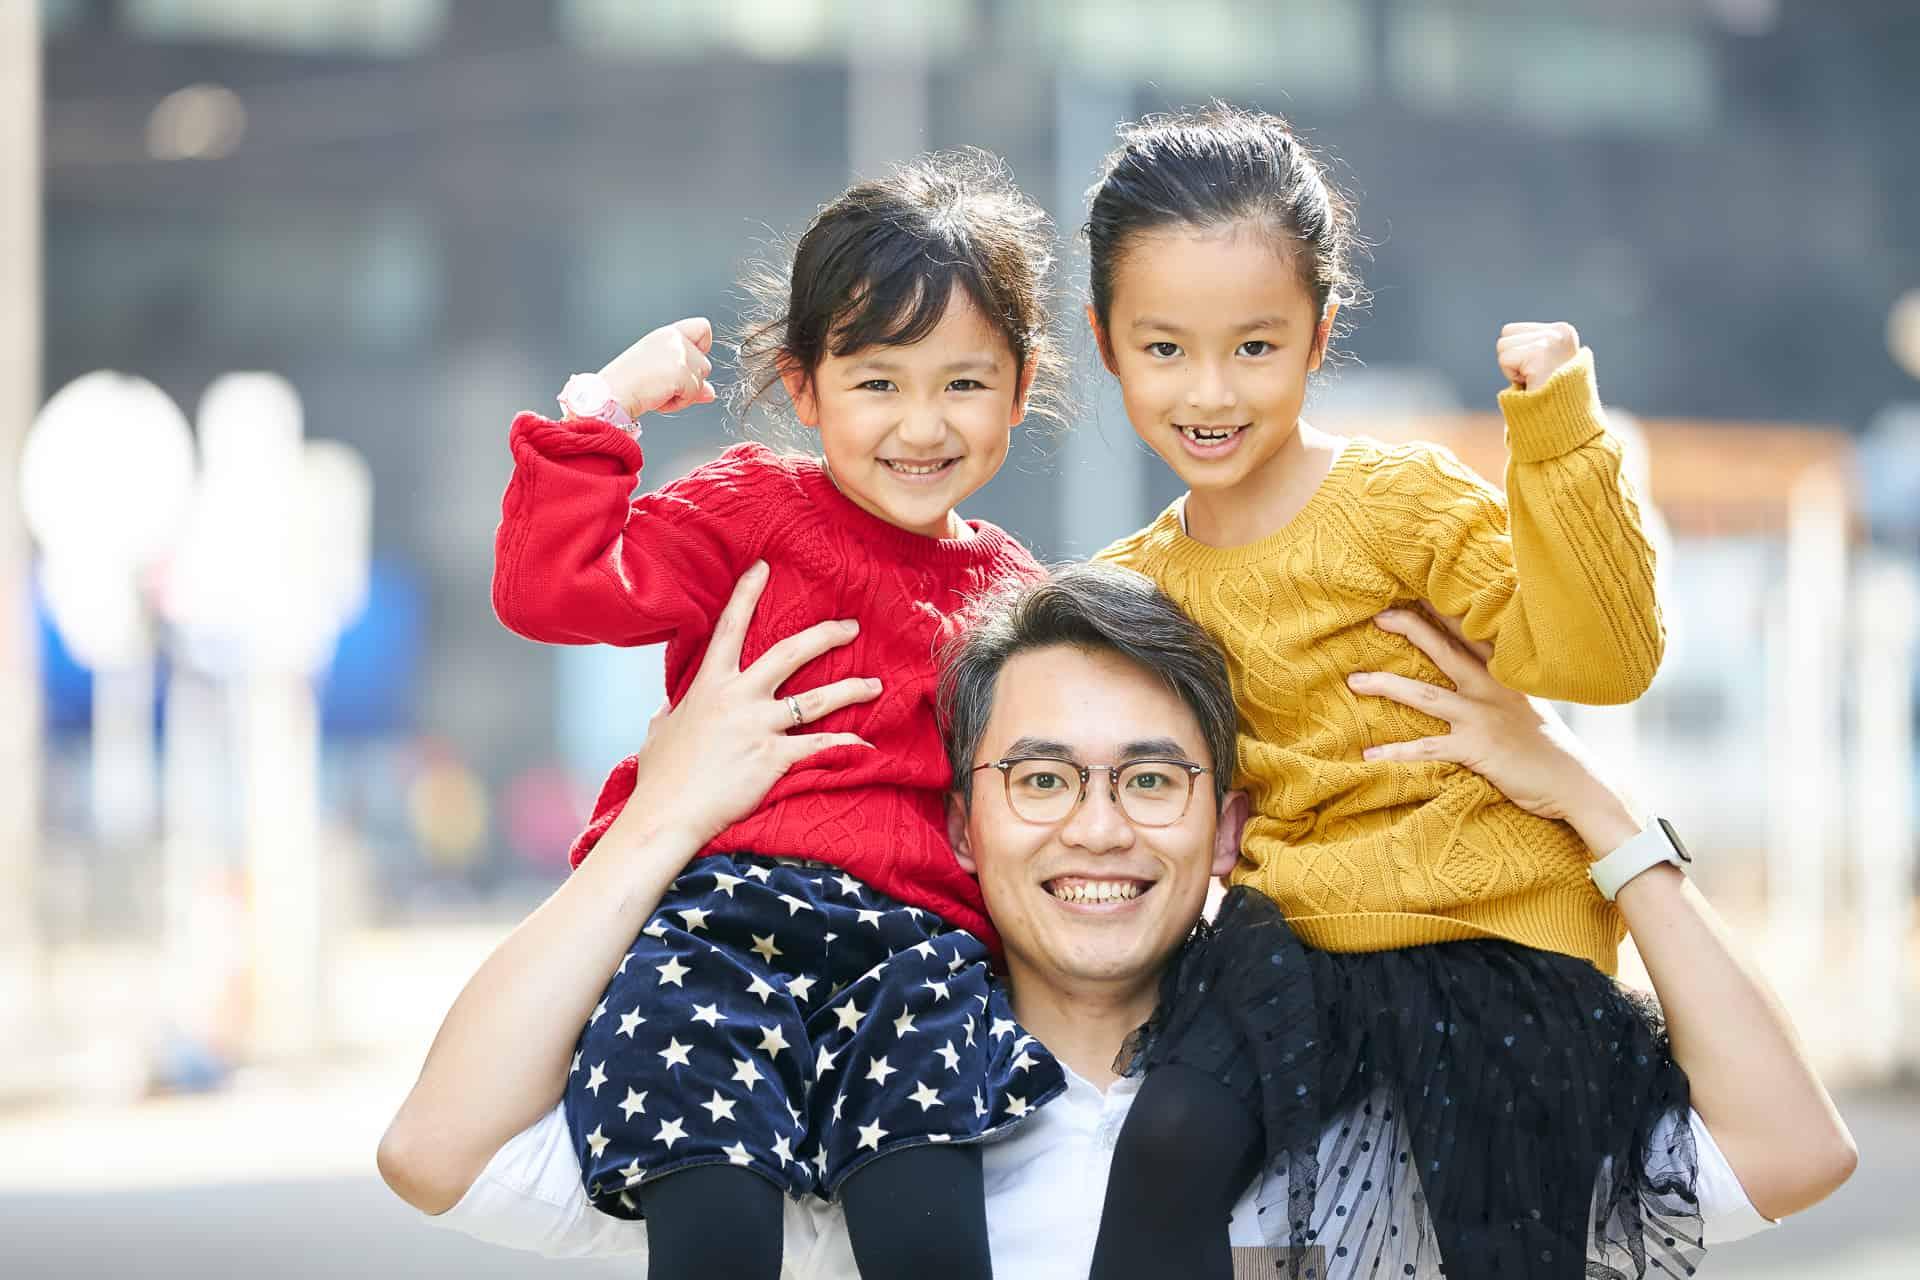 【5】個 同小朋友 拍攝 family photo 小貼士 4